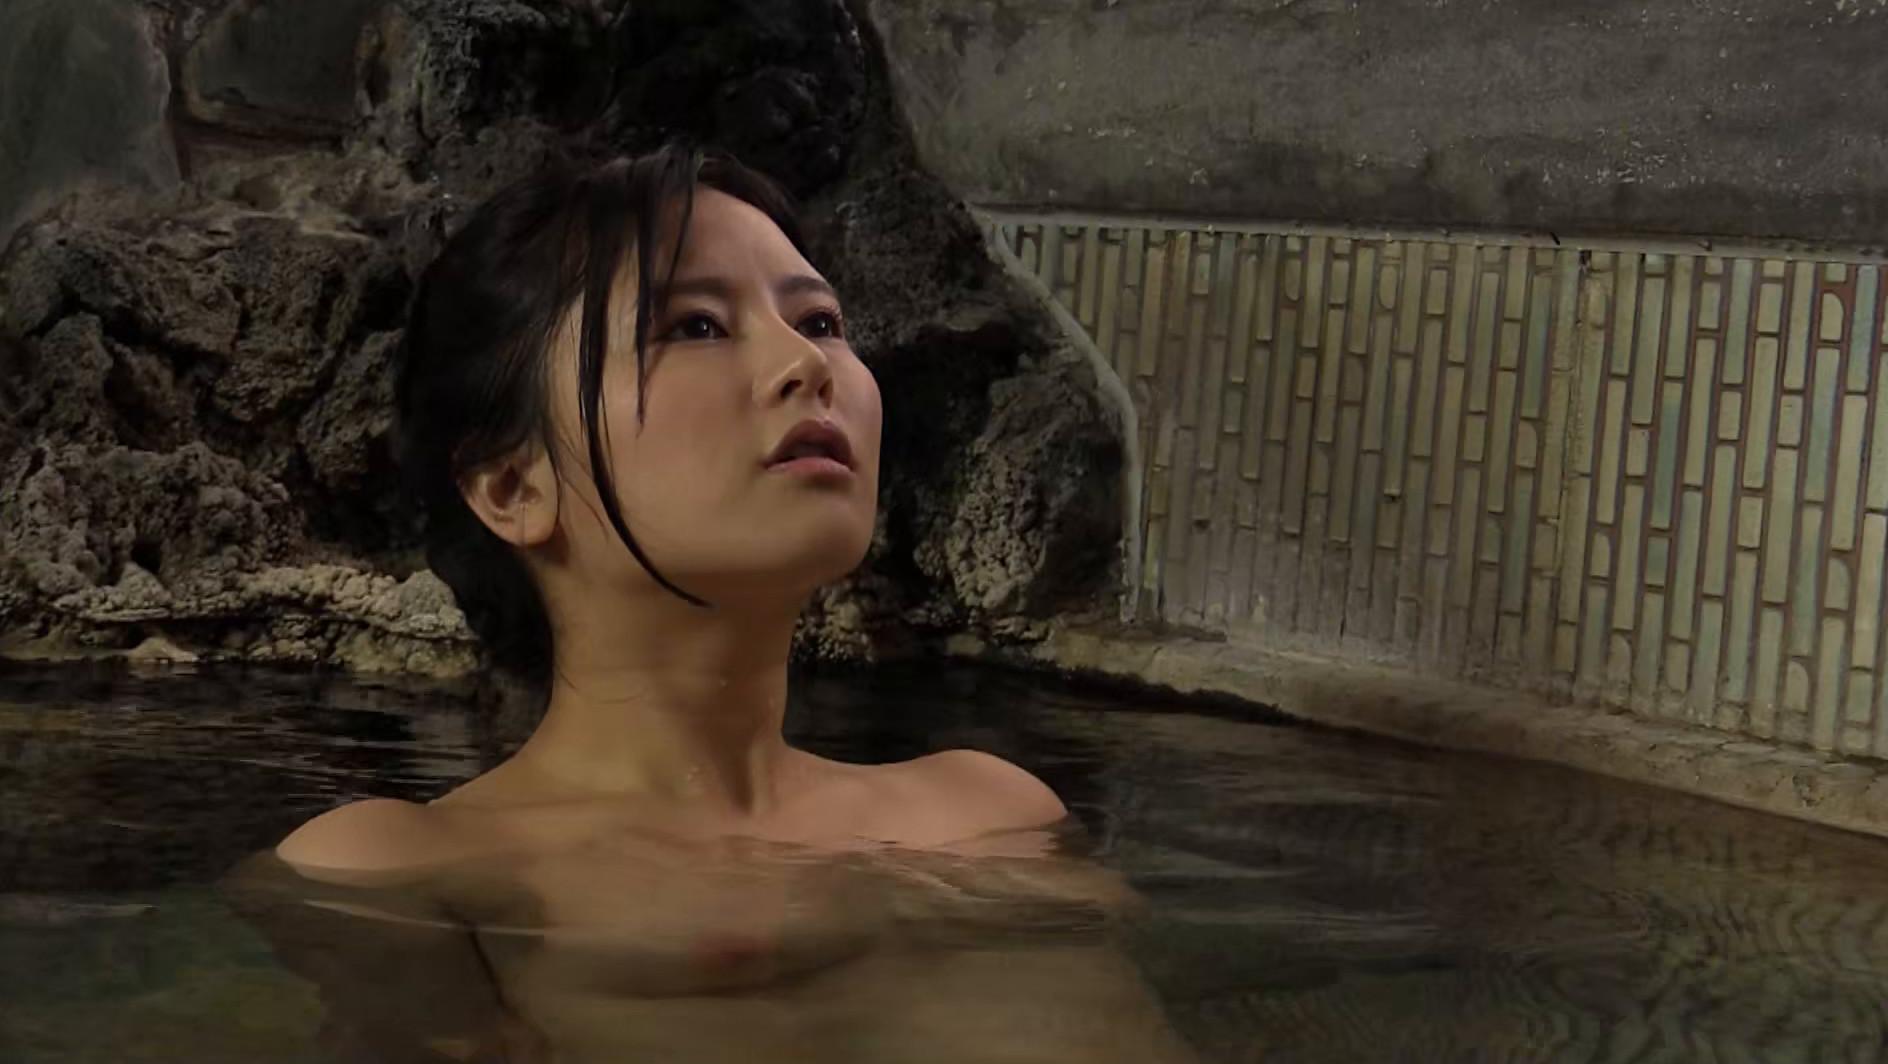 レディーダイアモンド 神木サラ 画像7